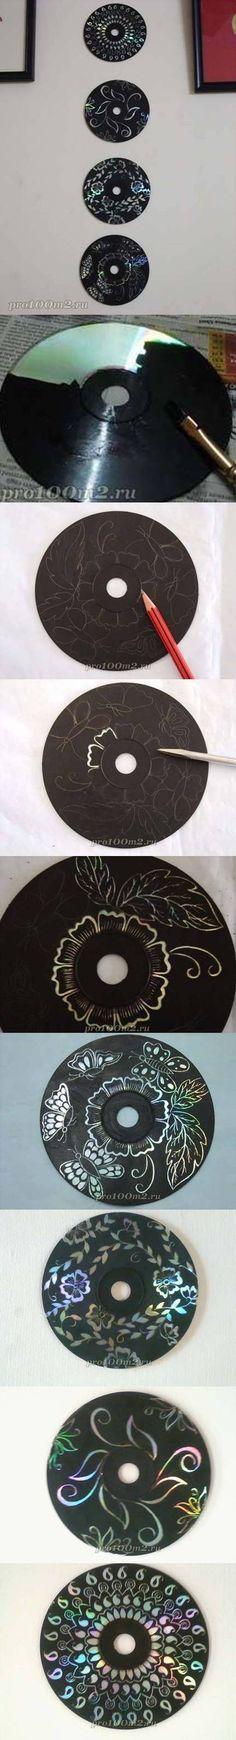 Decoración de pared con CD ..... pintar de un color sólido y luego utilizar las plantillas para hacer diferentes diseños en ellos